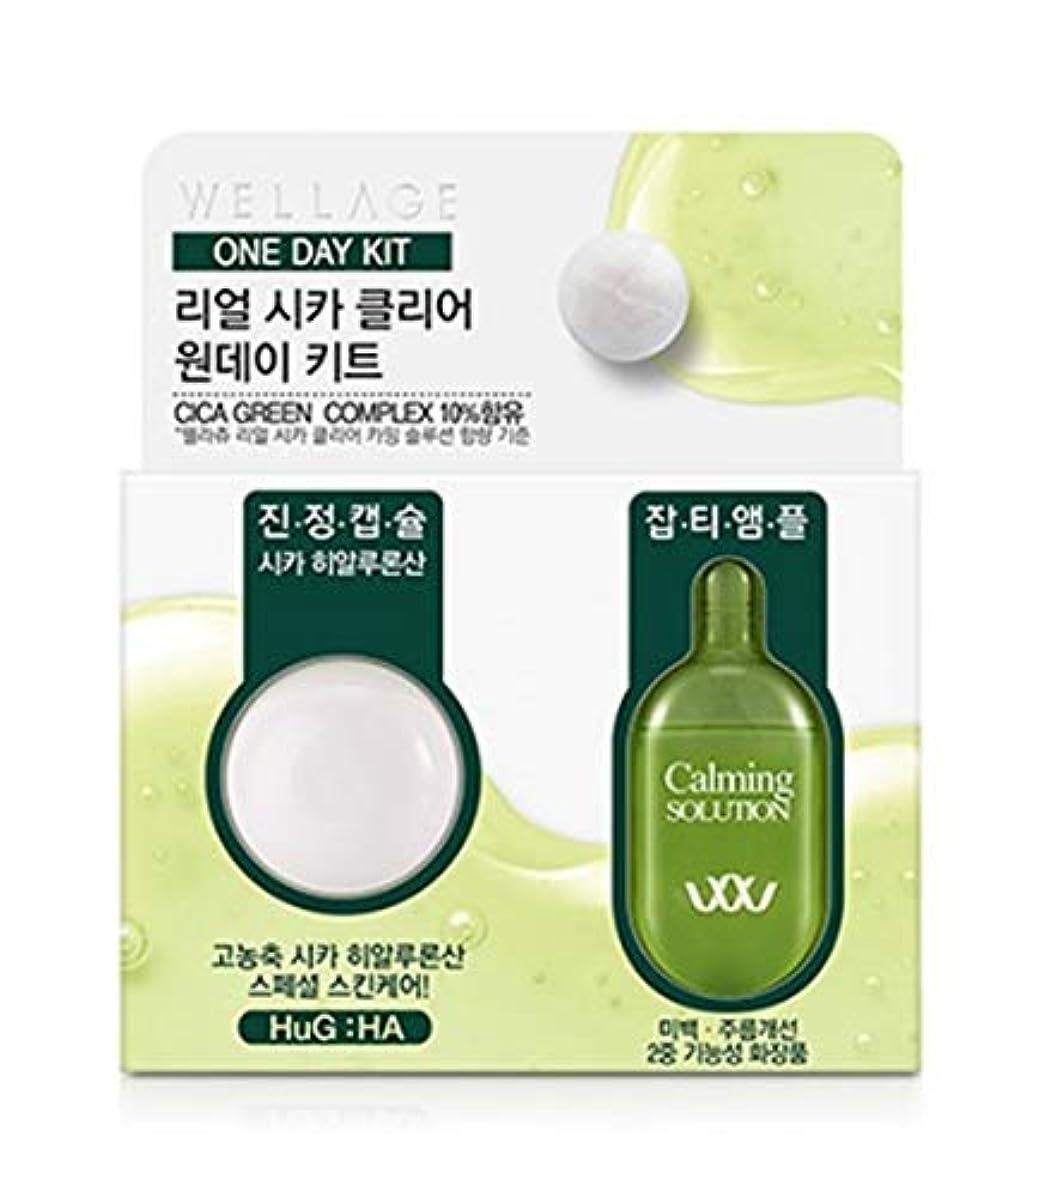 観客正午ヒールWellageウェレッジリアル1日キットCICAクリアアンプルカプセル 韓国の人気化粧品ブランドの基礎化粧アンプル、カプセル、女性の肌鎮静スキンケア